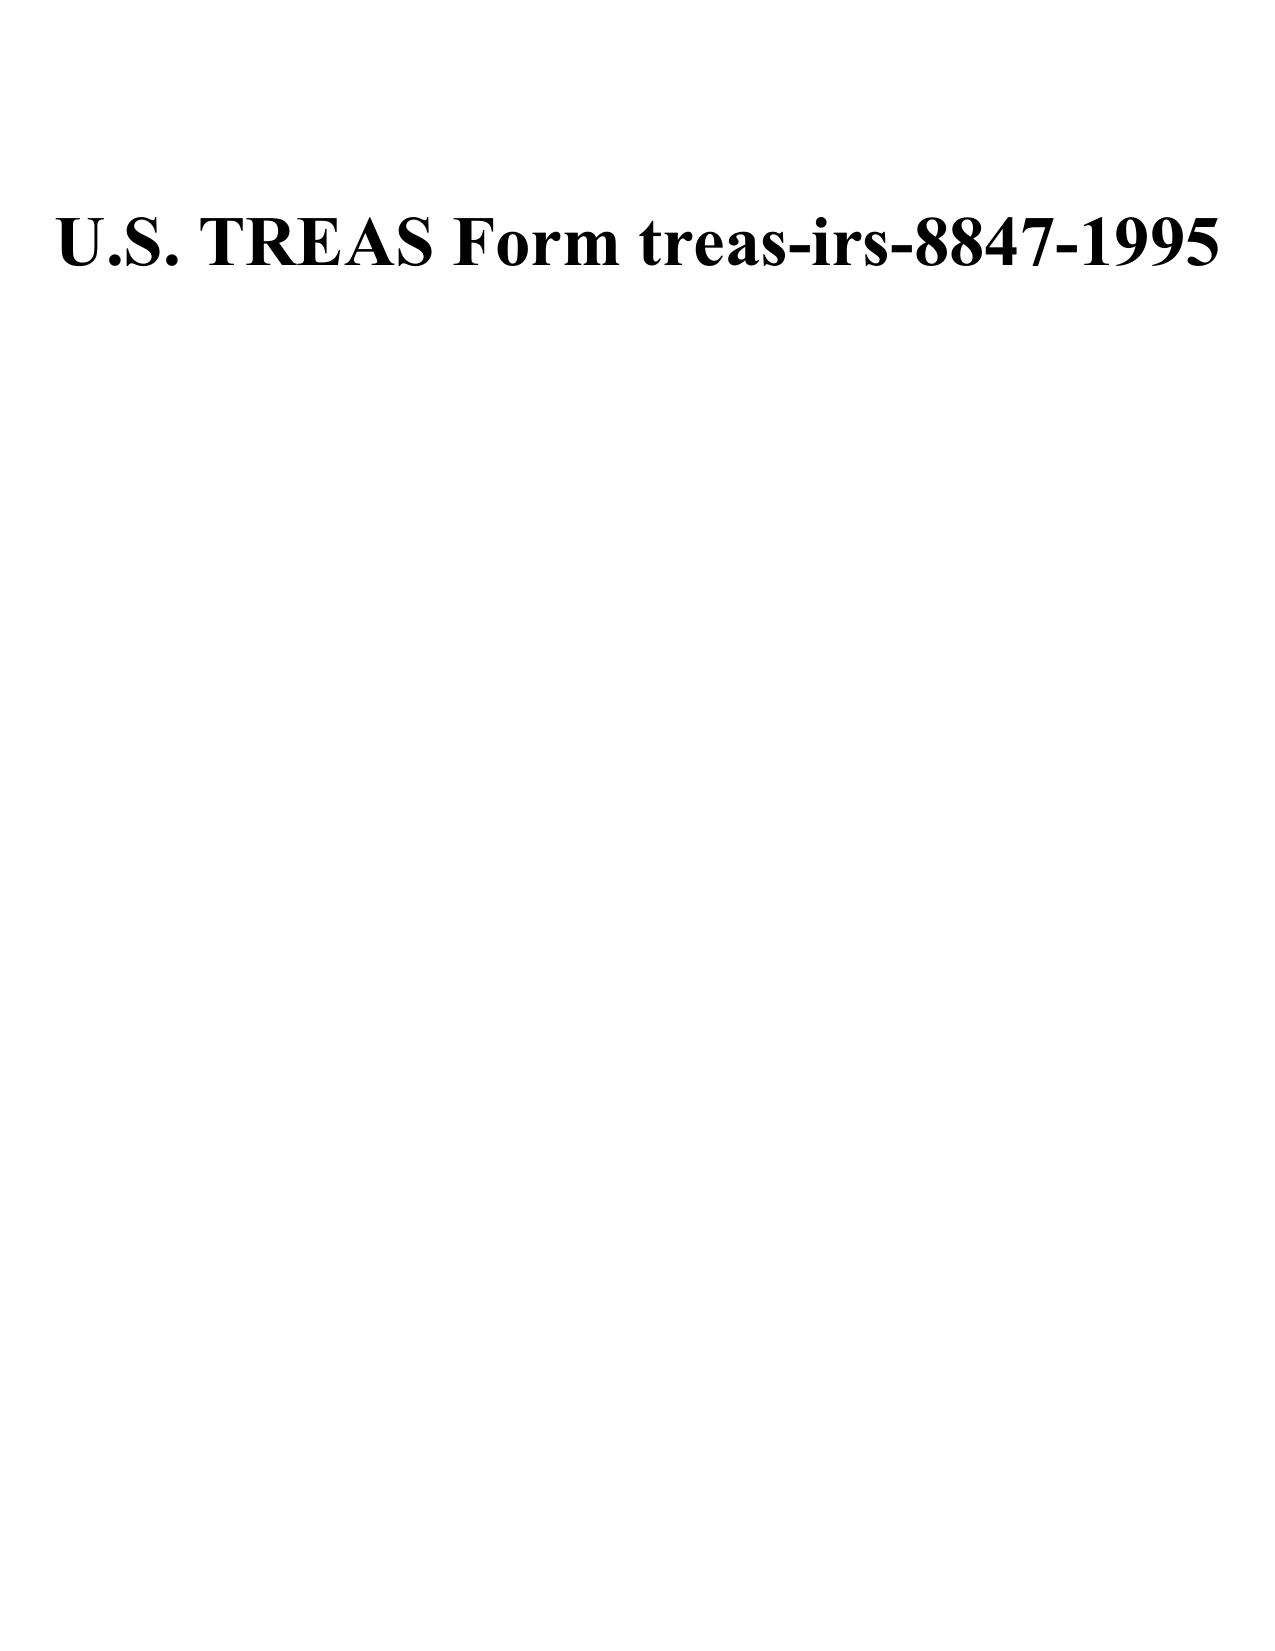 U.S. TREAS Form treas-irs-8847-1995